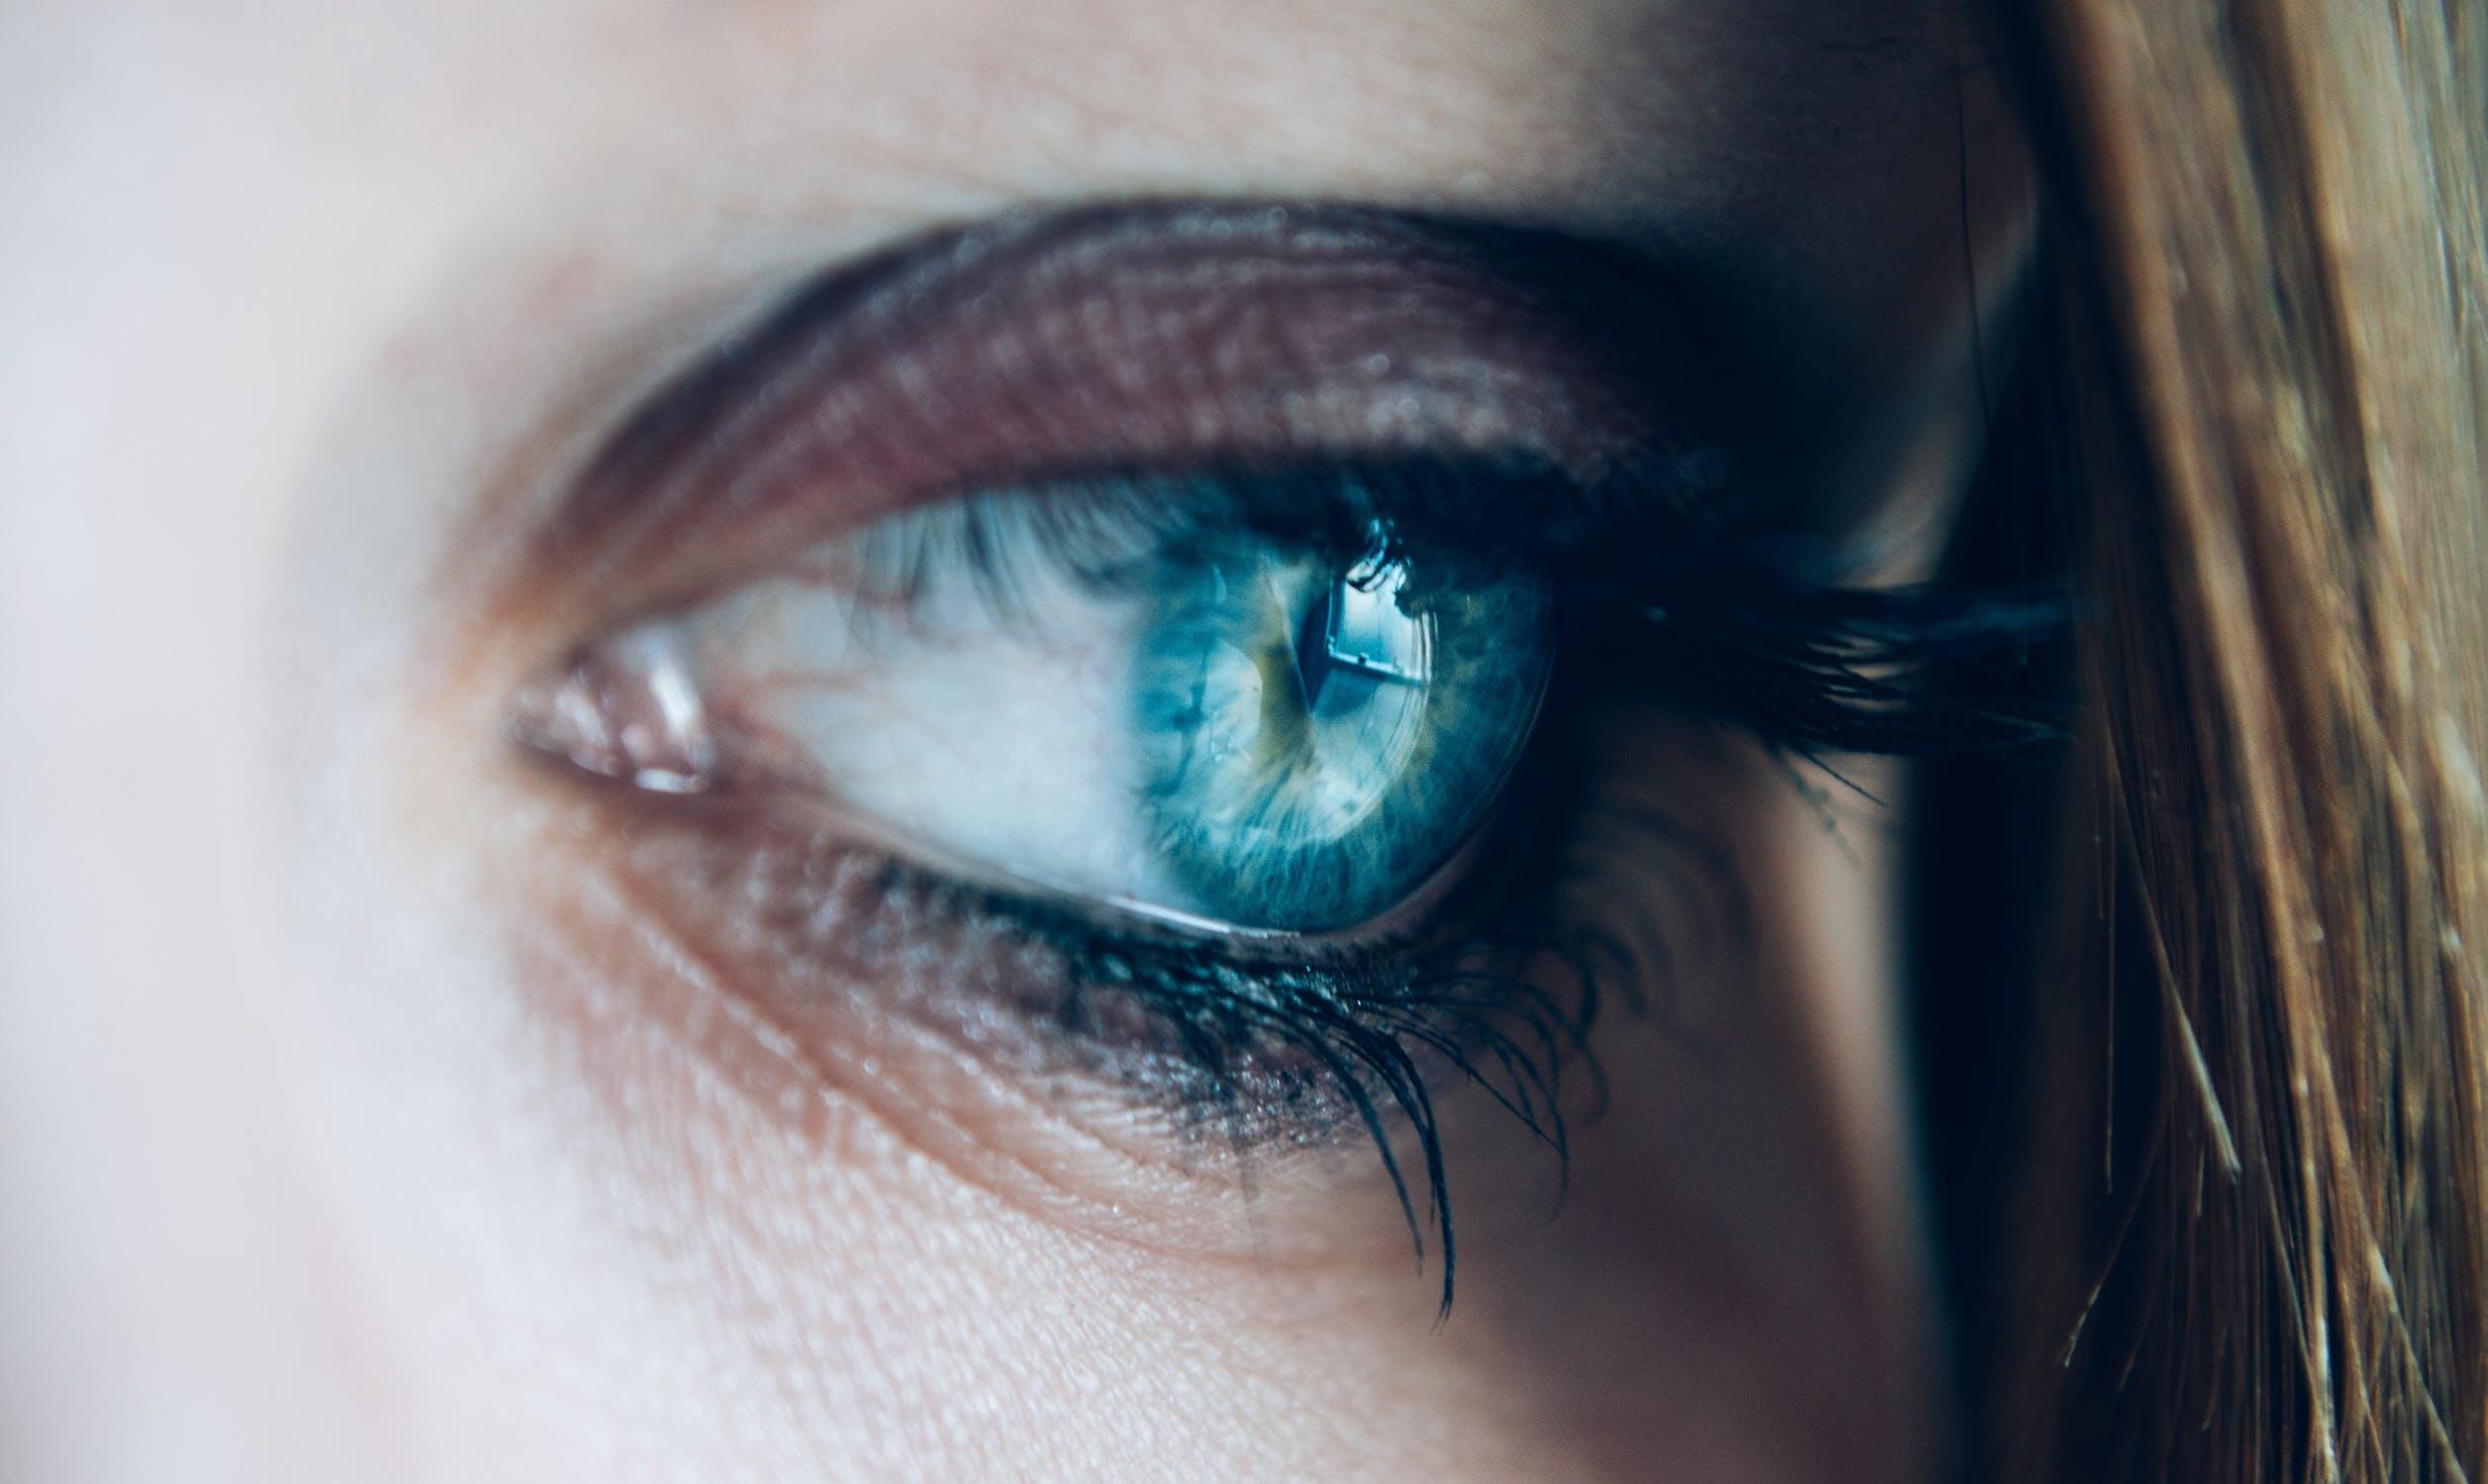 Occhi chiari o occhi scuri: quali sono i più delicati